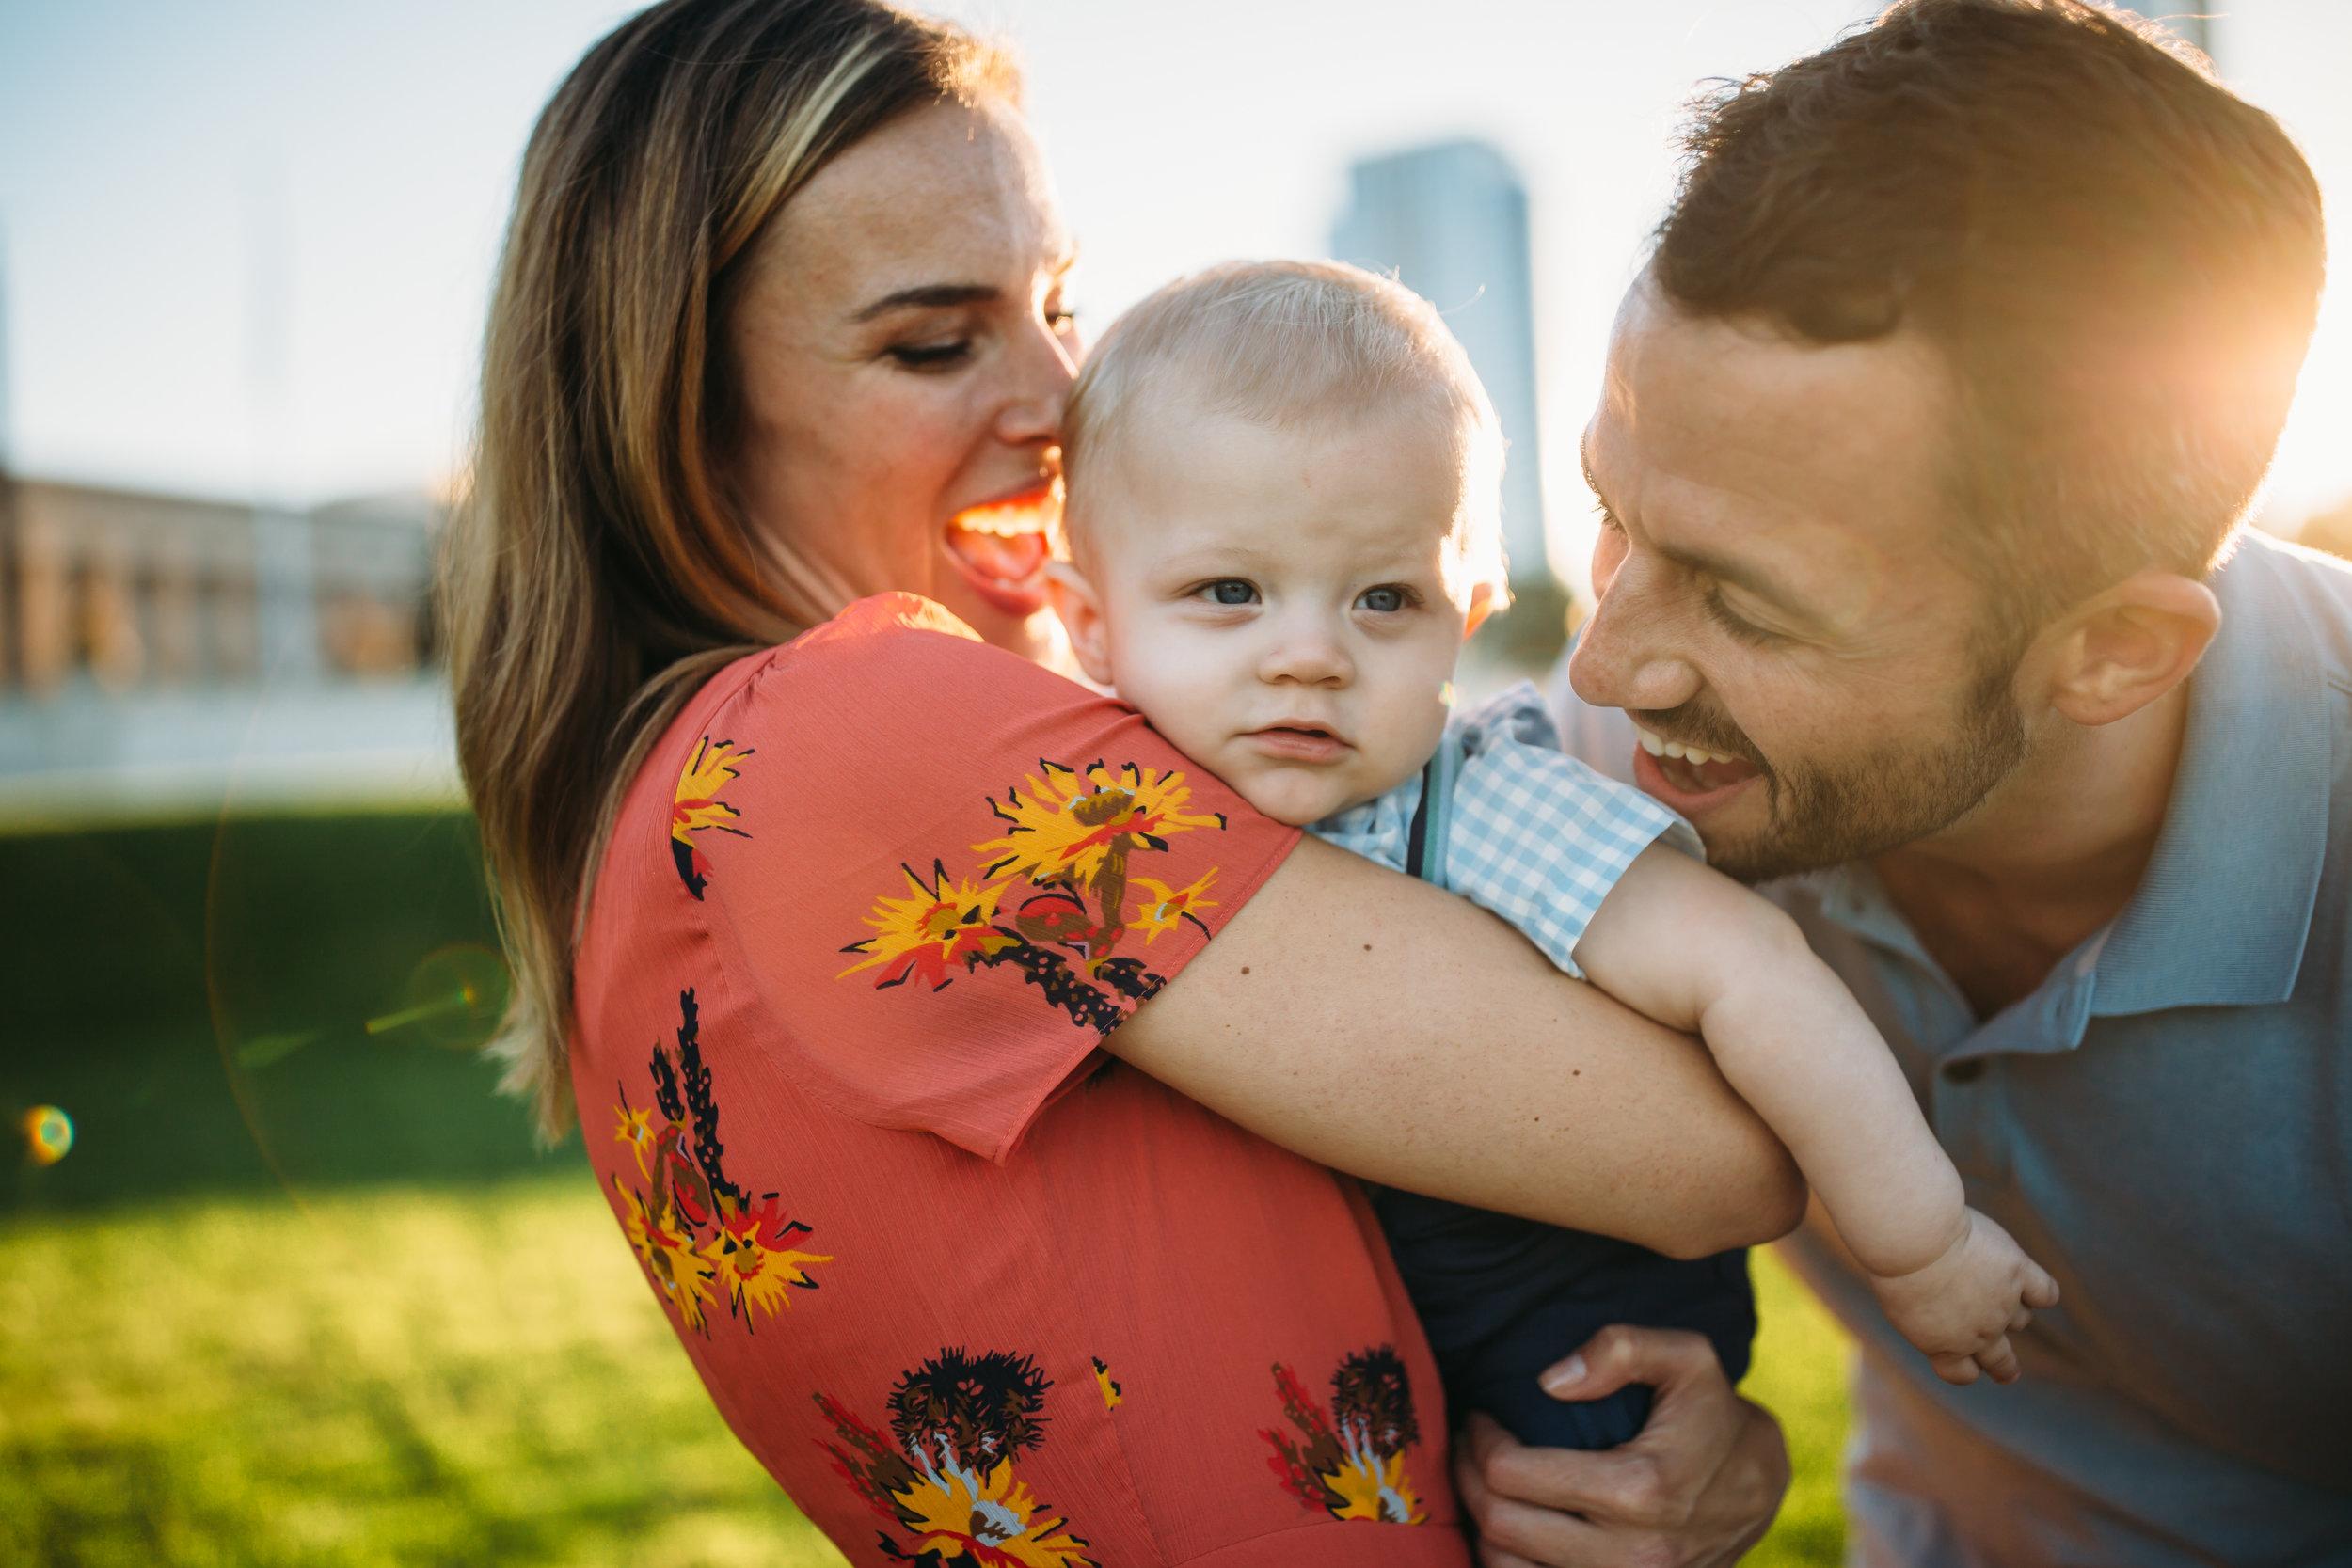 family photos denver  Family photos in the city, family photography Chicago, fun family photos, relaxed family photos,  Real family photos, family photographer